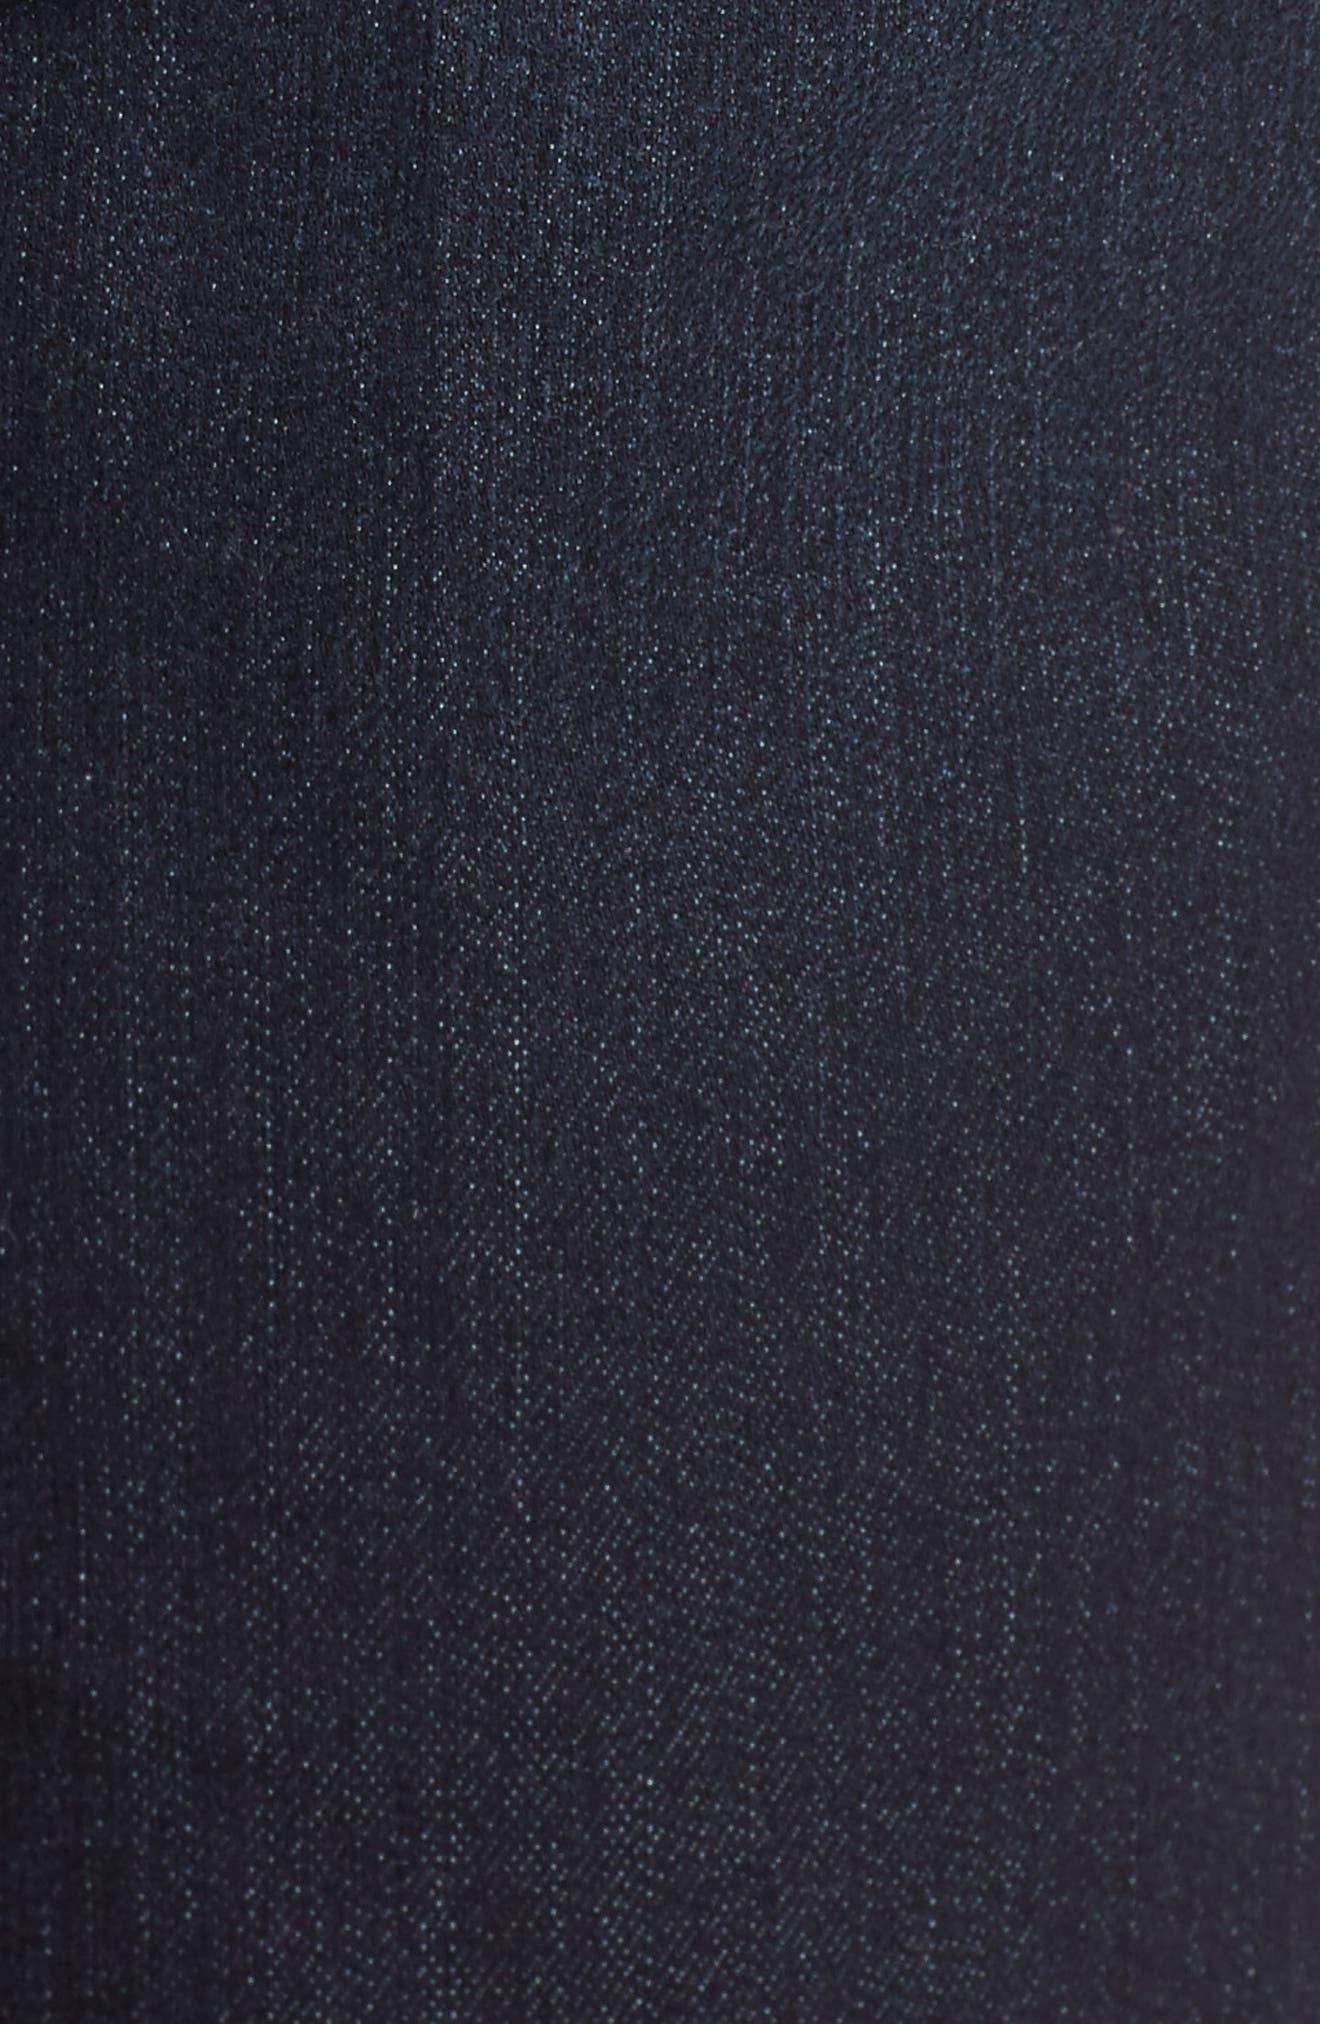 Alternate Image 5  - Wit & Wisdom Ab-solution Denim Bermuda Shorts (Regular & Petite) (Nordstrom Exclusive)